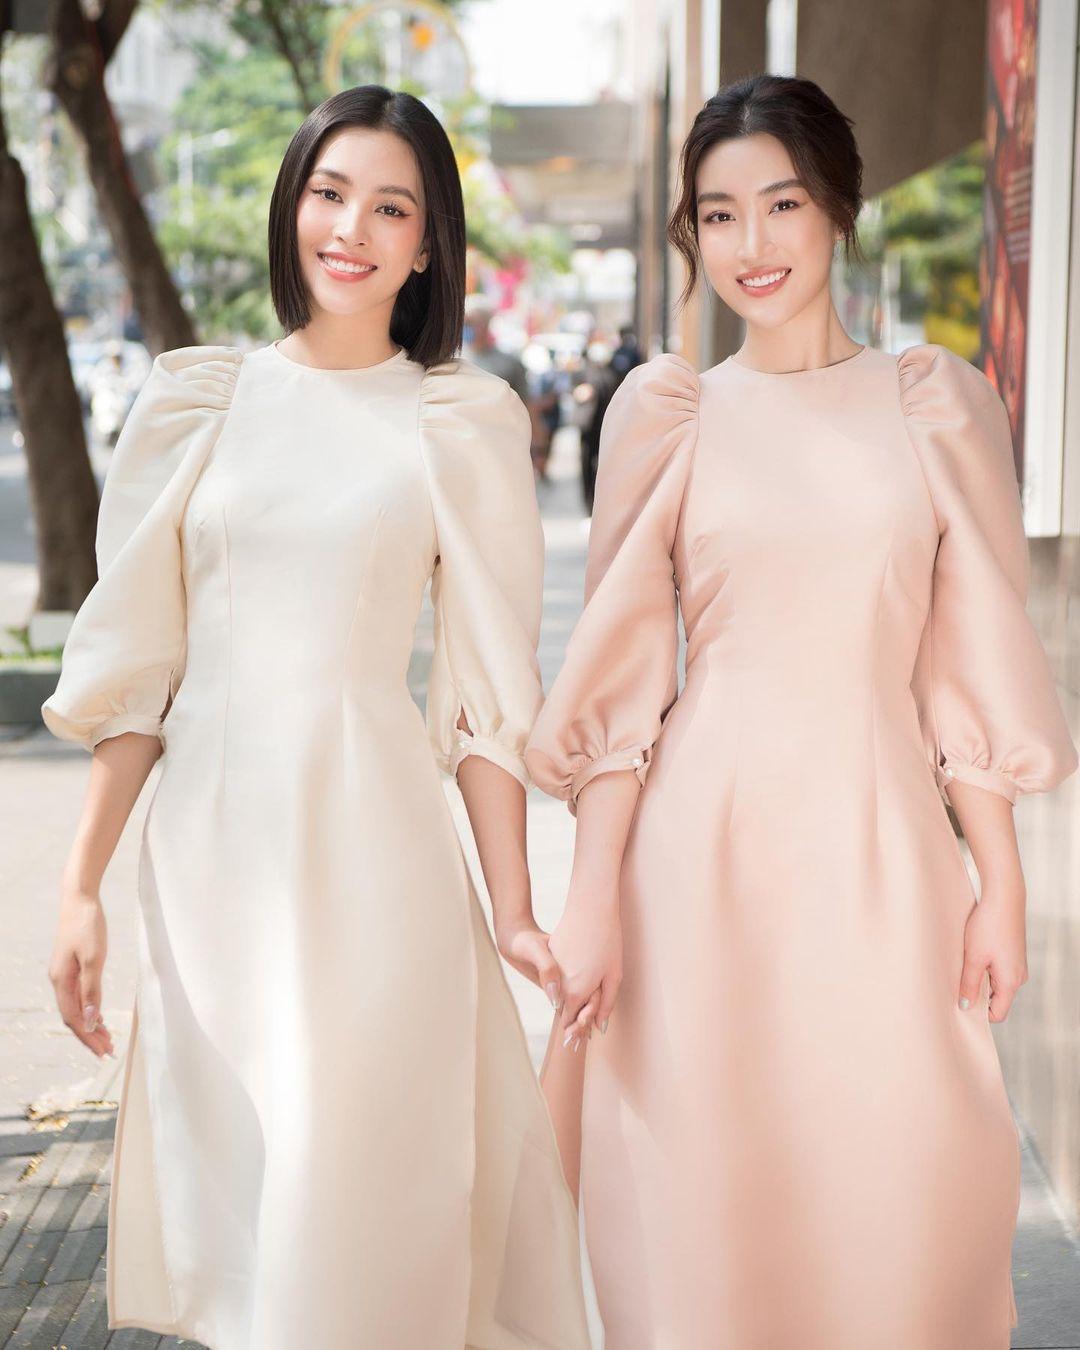 Sao Việt rộn ràng diện áo dài đón Tết sớm, kiểu hot hit nhất năm nay nằm cả ở chi tiết này - Ảnh 8.